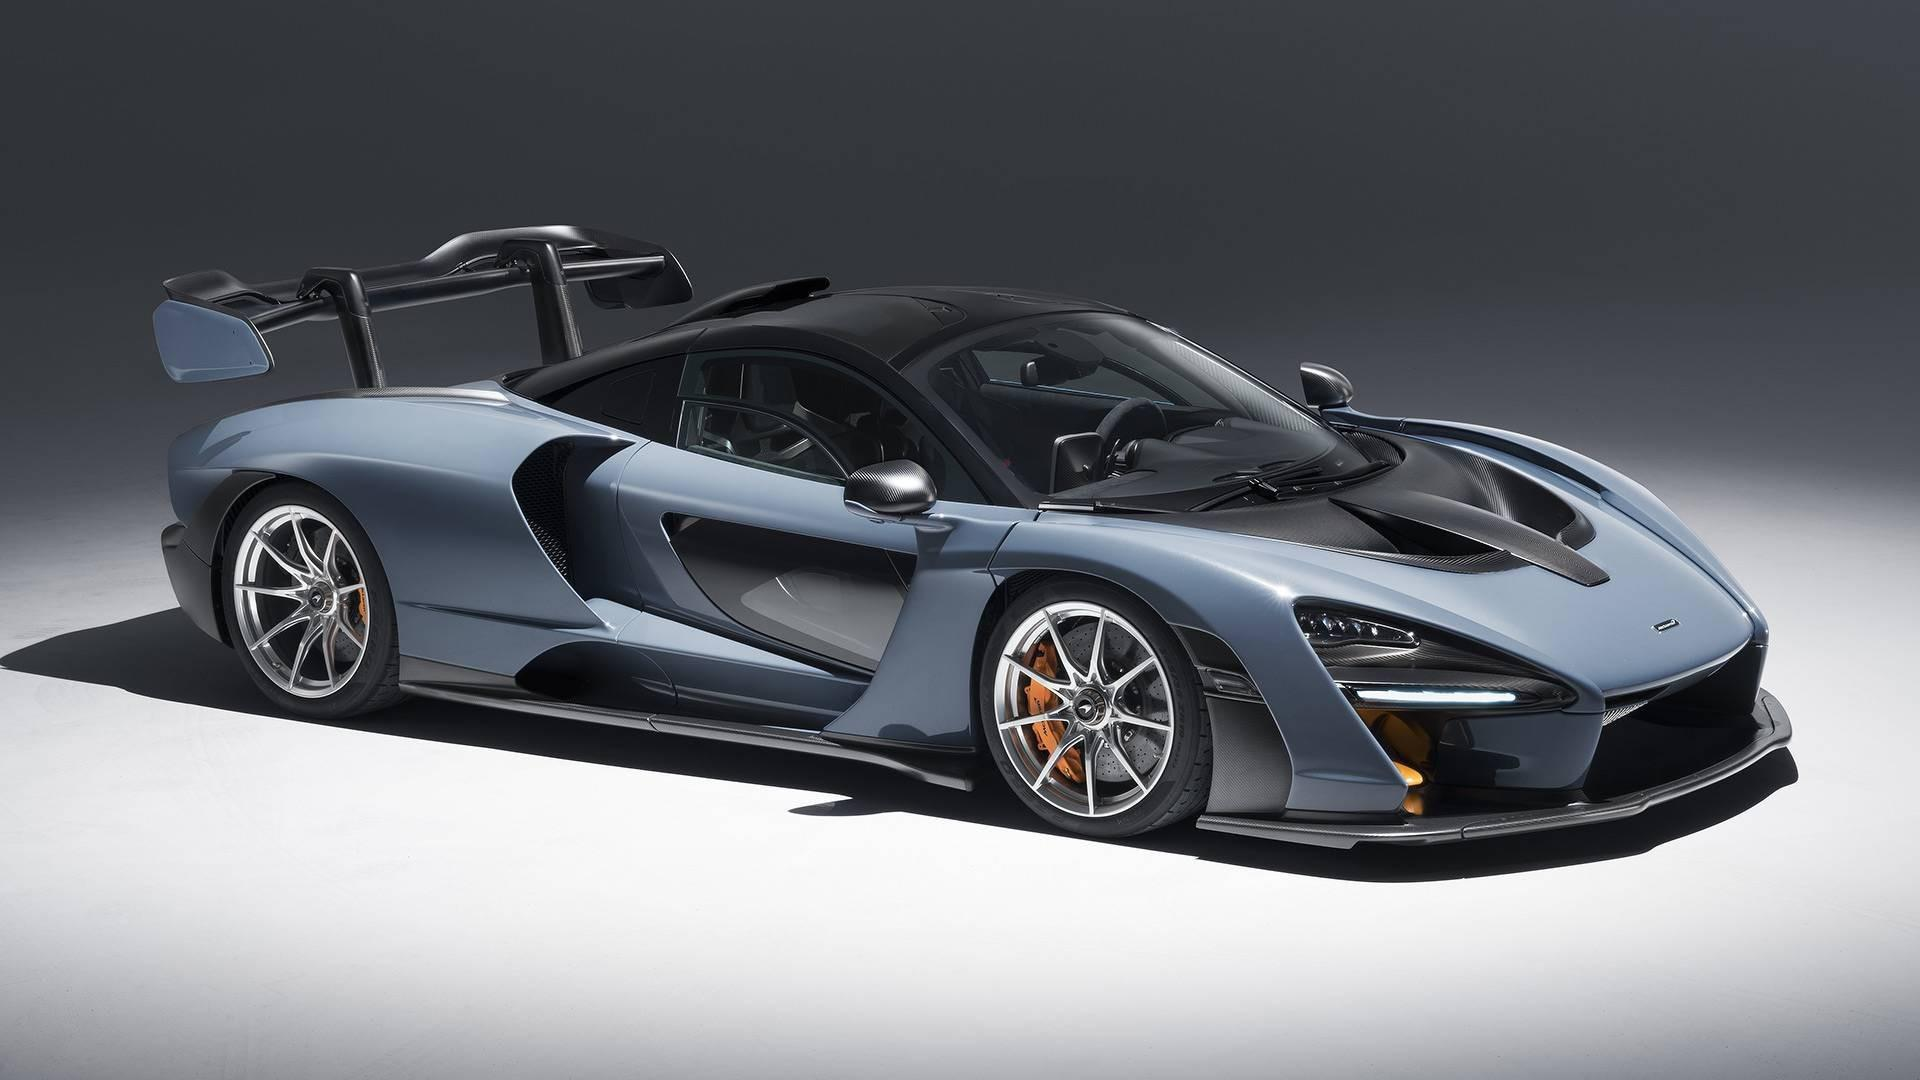 McLaren Senna V8 4.0 coupé : Plus rapide que la P1 sur circuit !